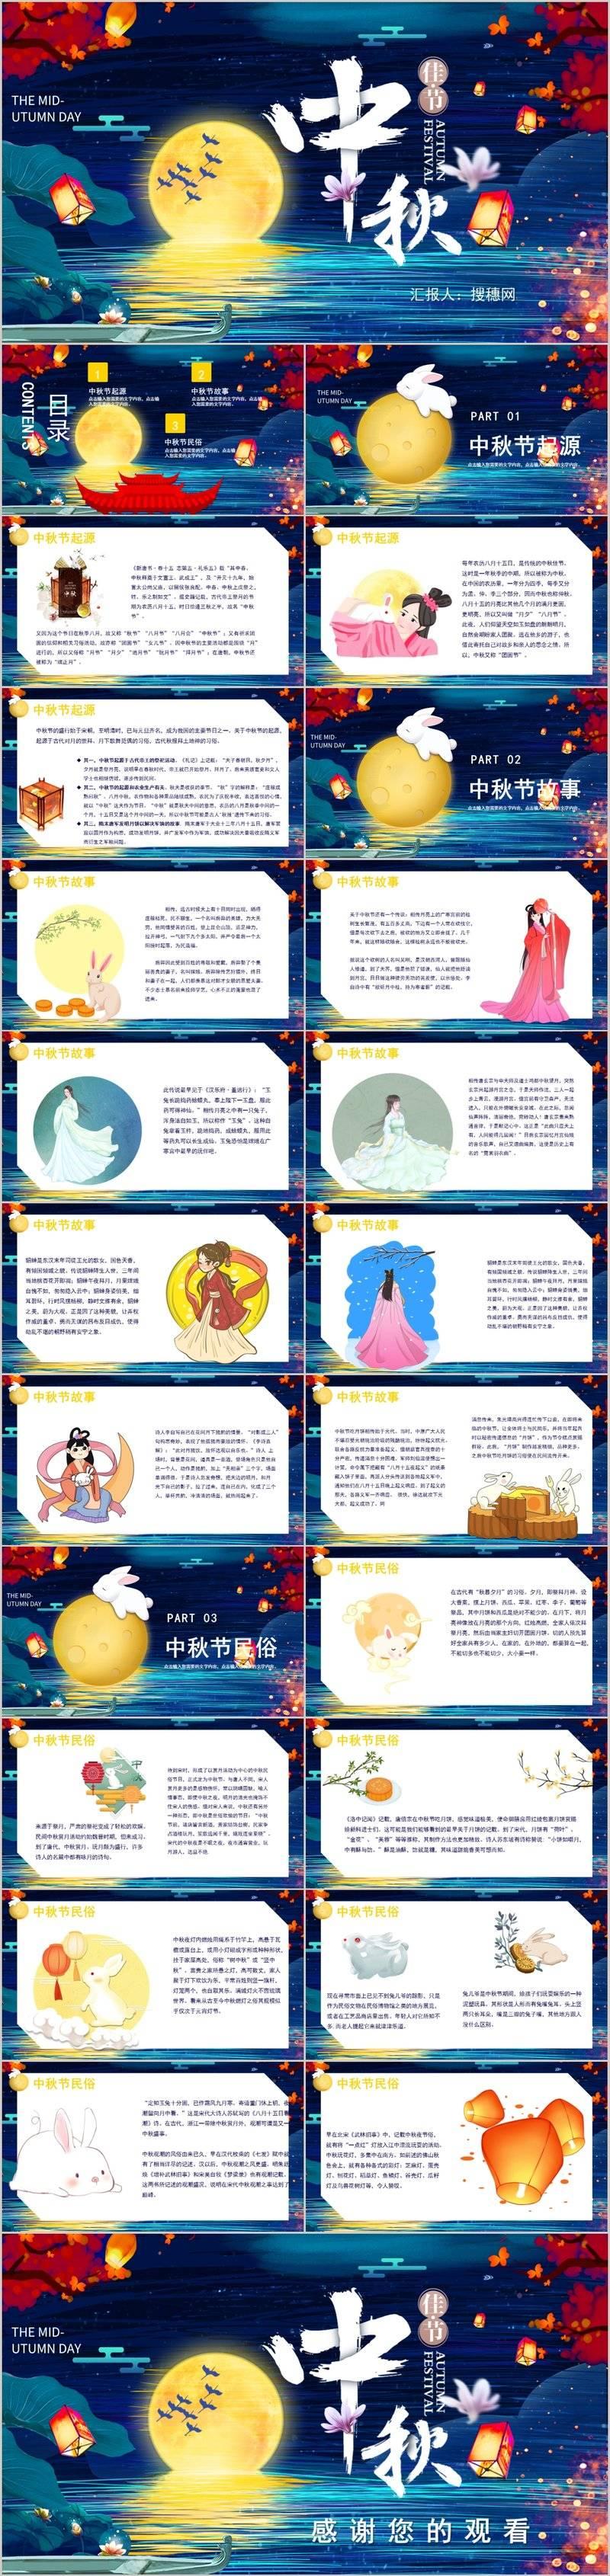 蓝色中国风花好月圆中秋佳节起源文化介绍PPT模板